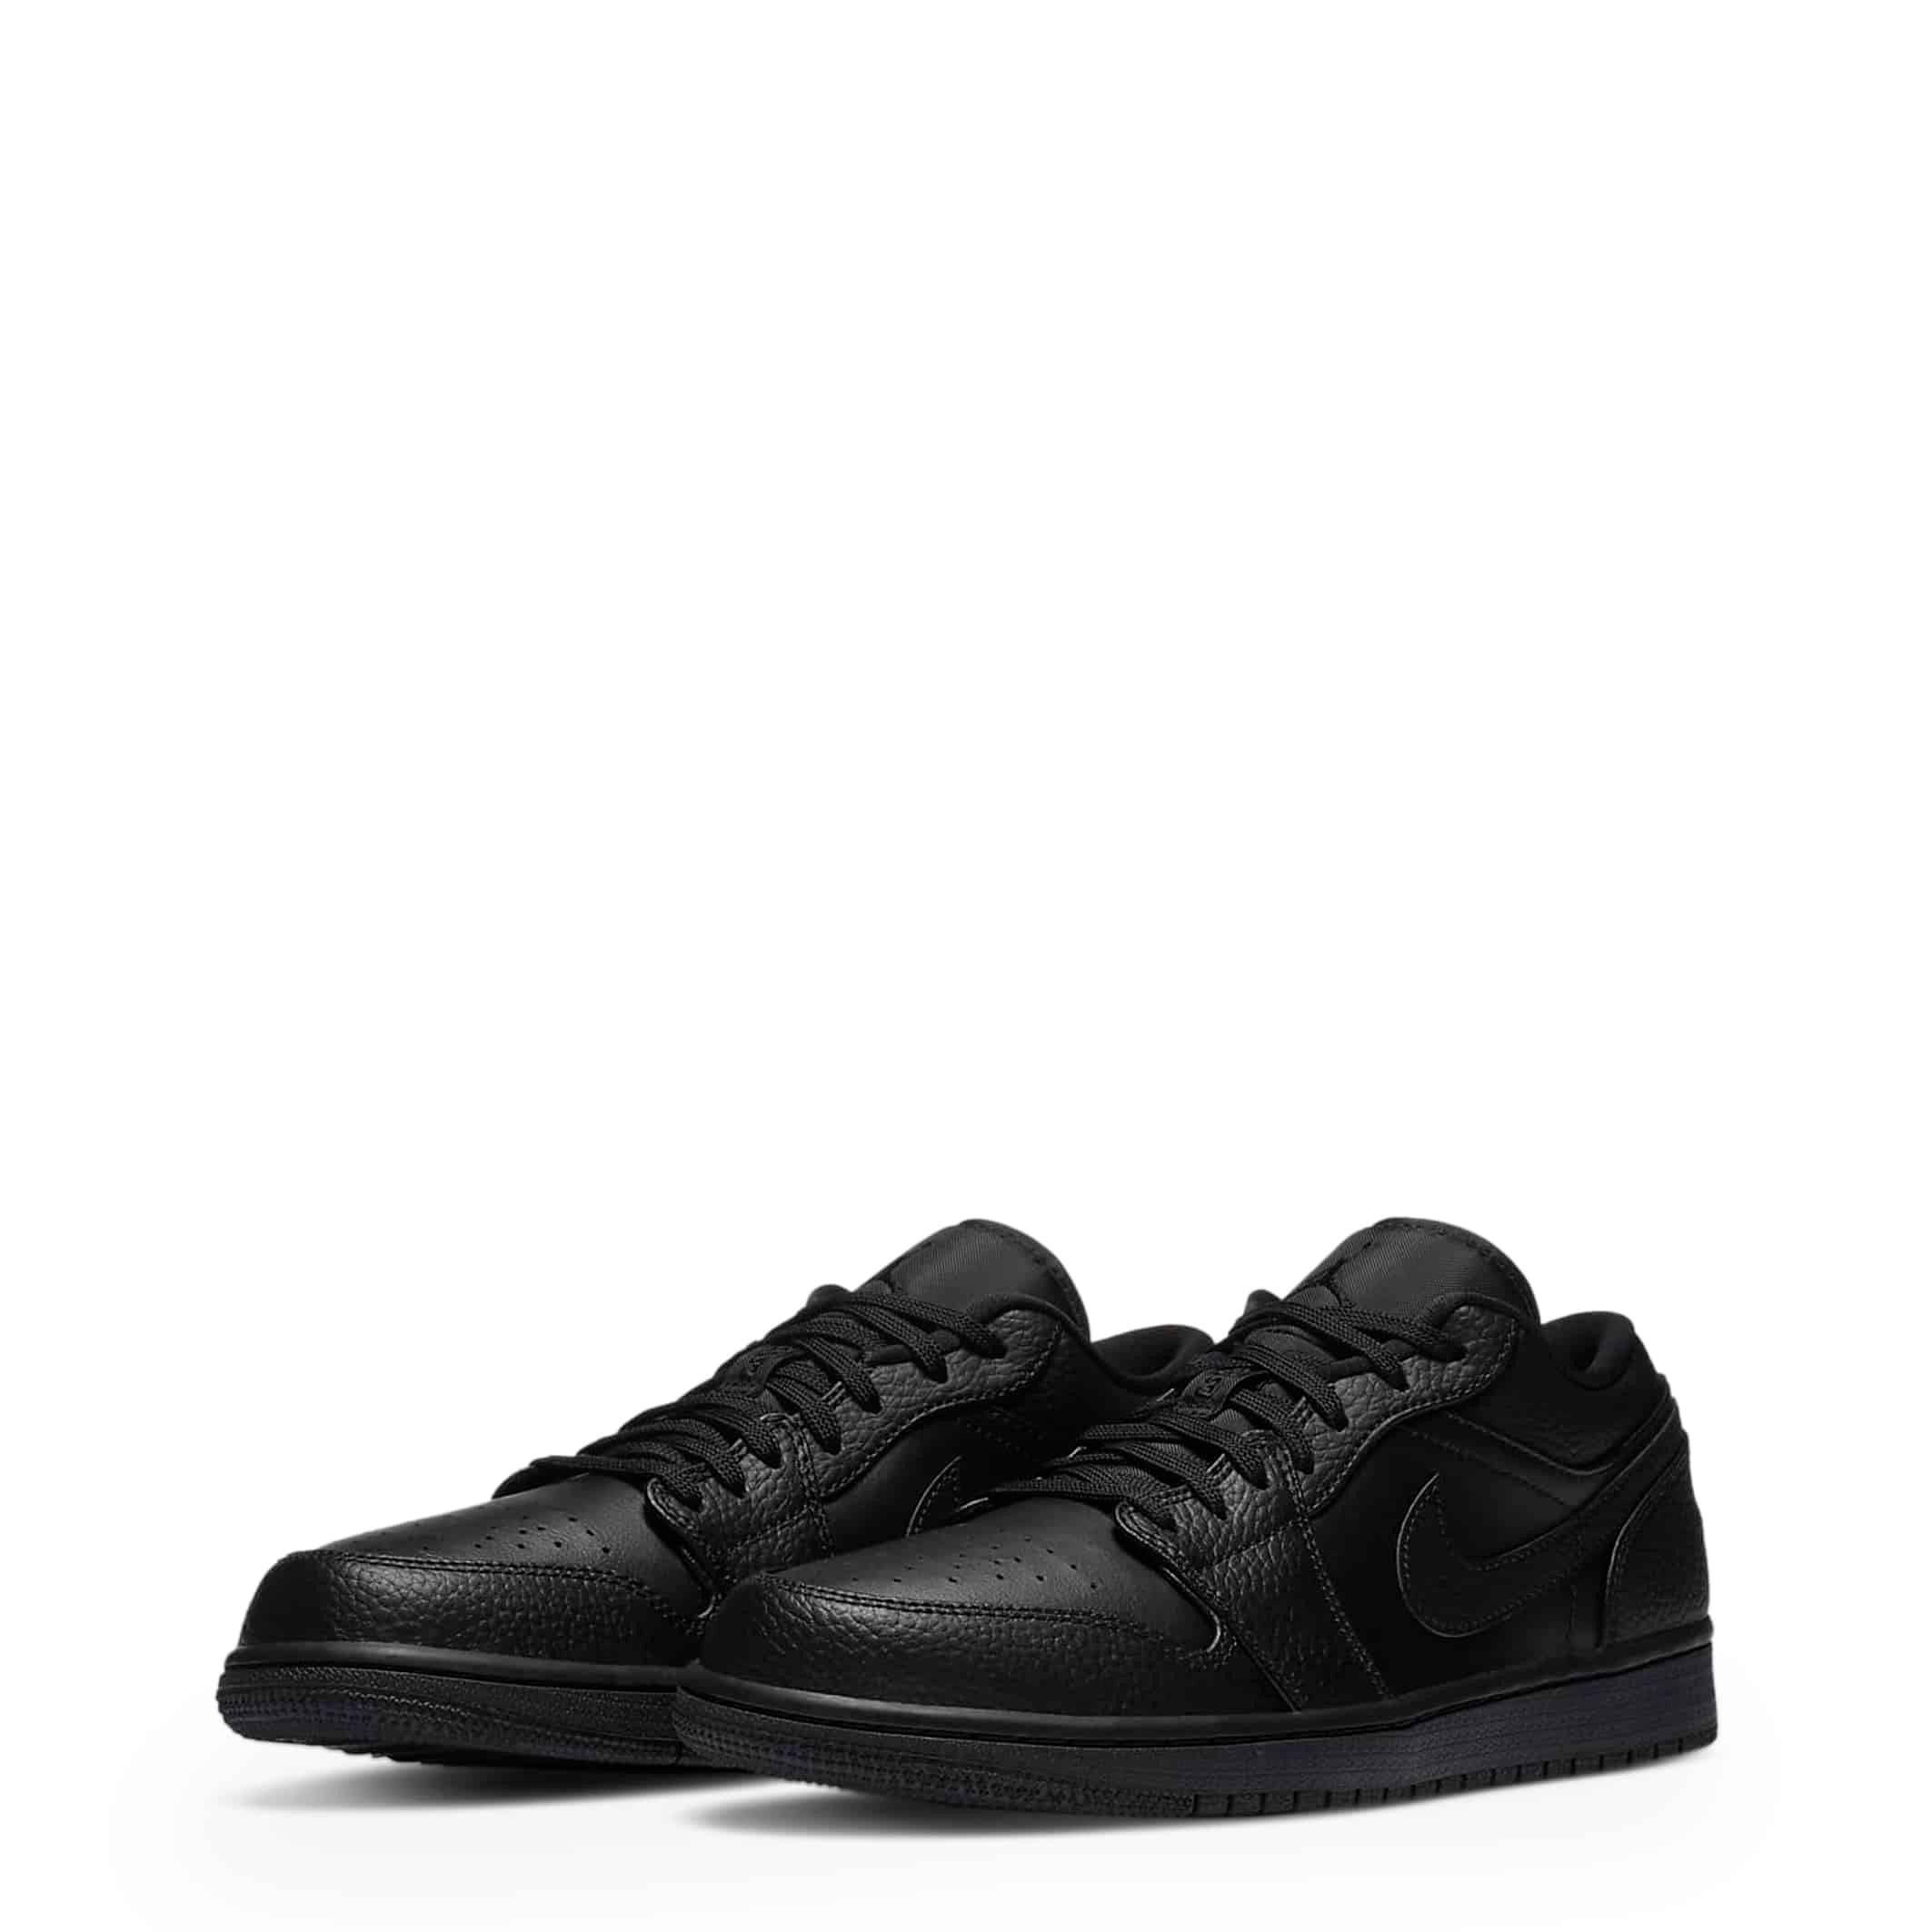 Nike – Air Jordan 1 Low